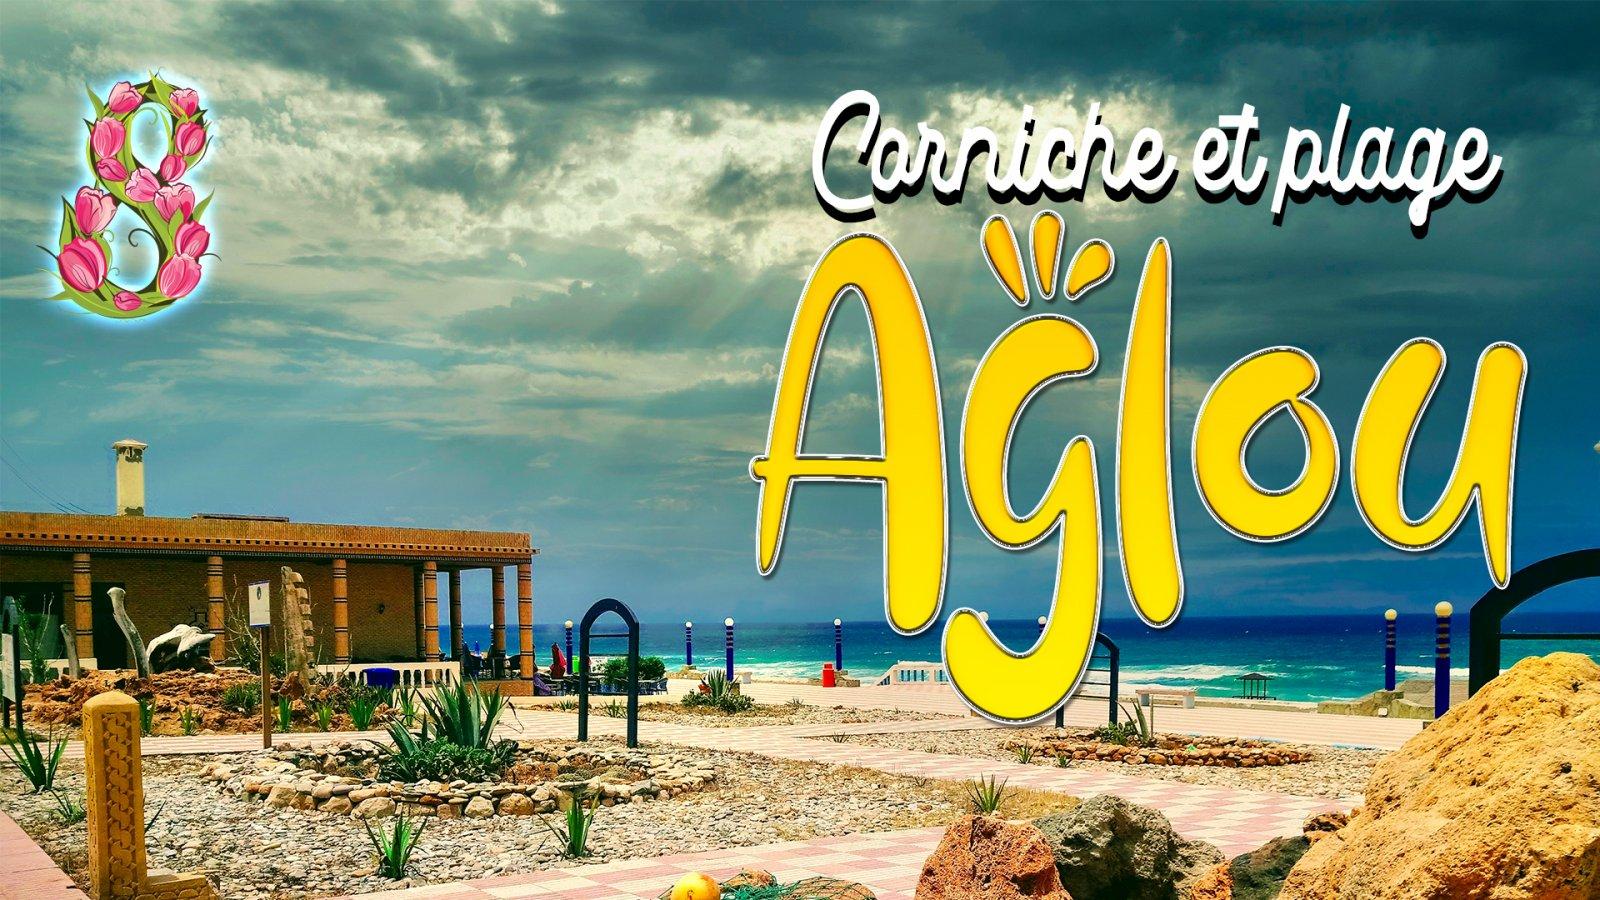 La plage d'Aglou est une plage splendide du sud du Maroc, située à 12 Km de la Tiznit relaxing...jpg